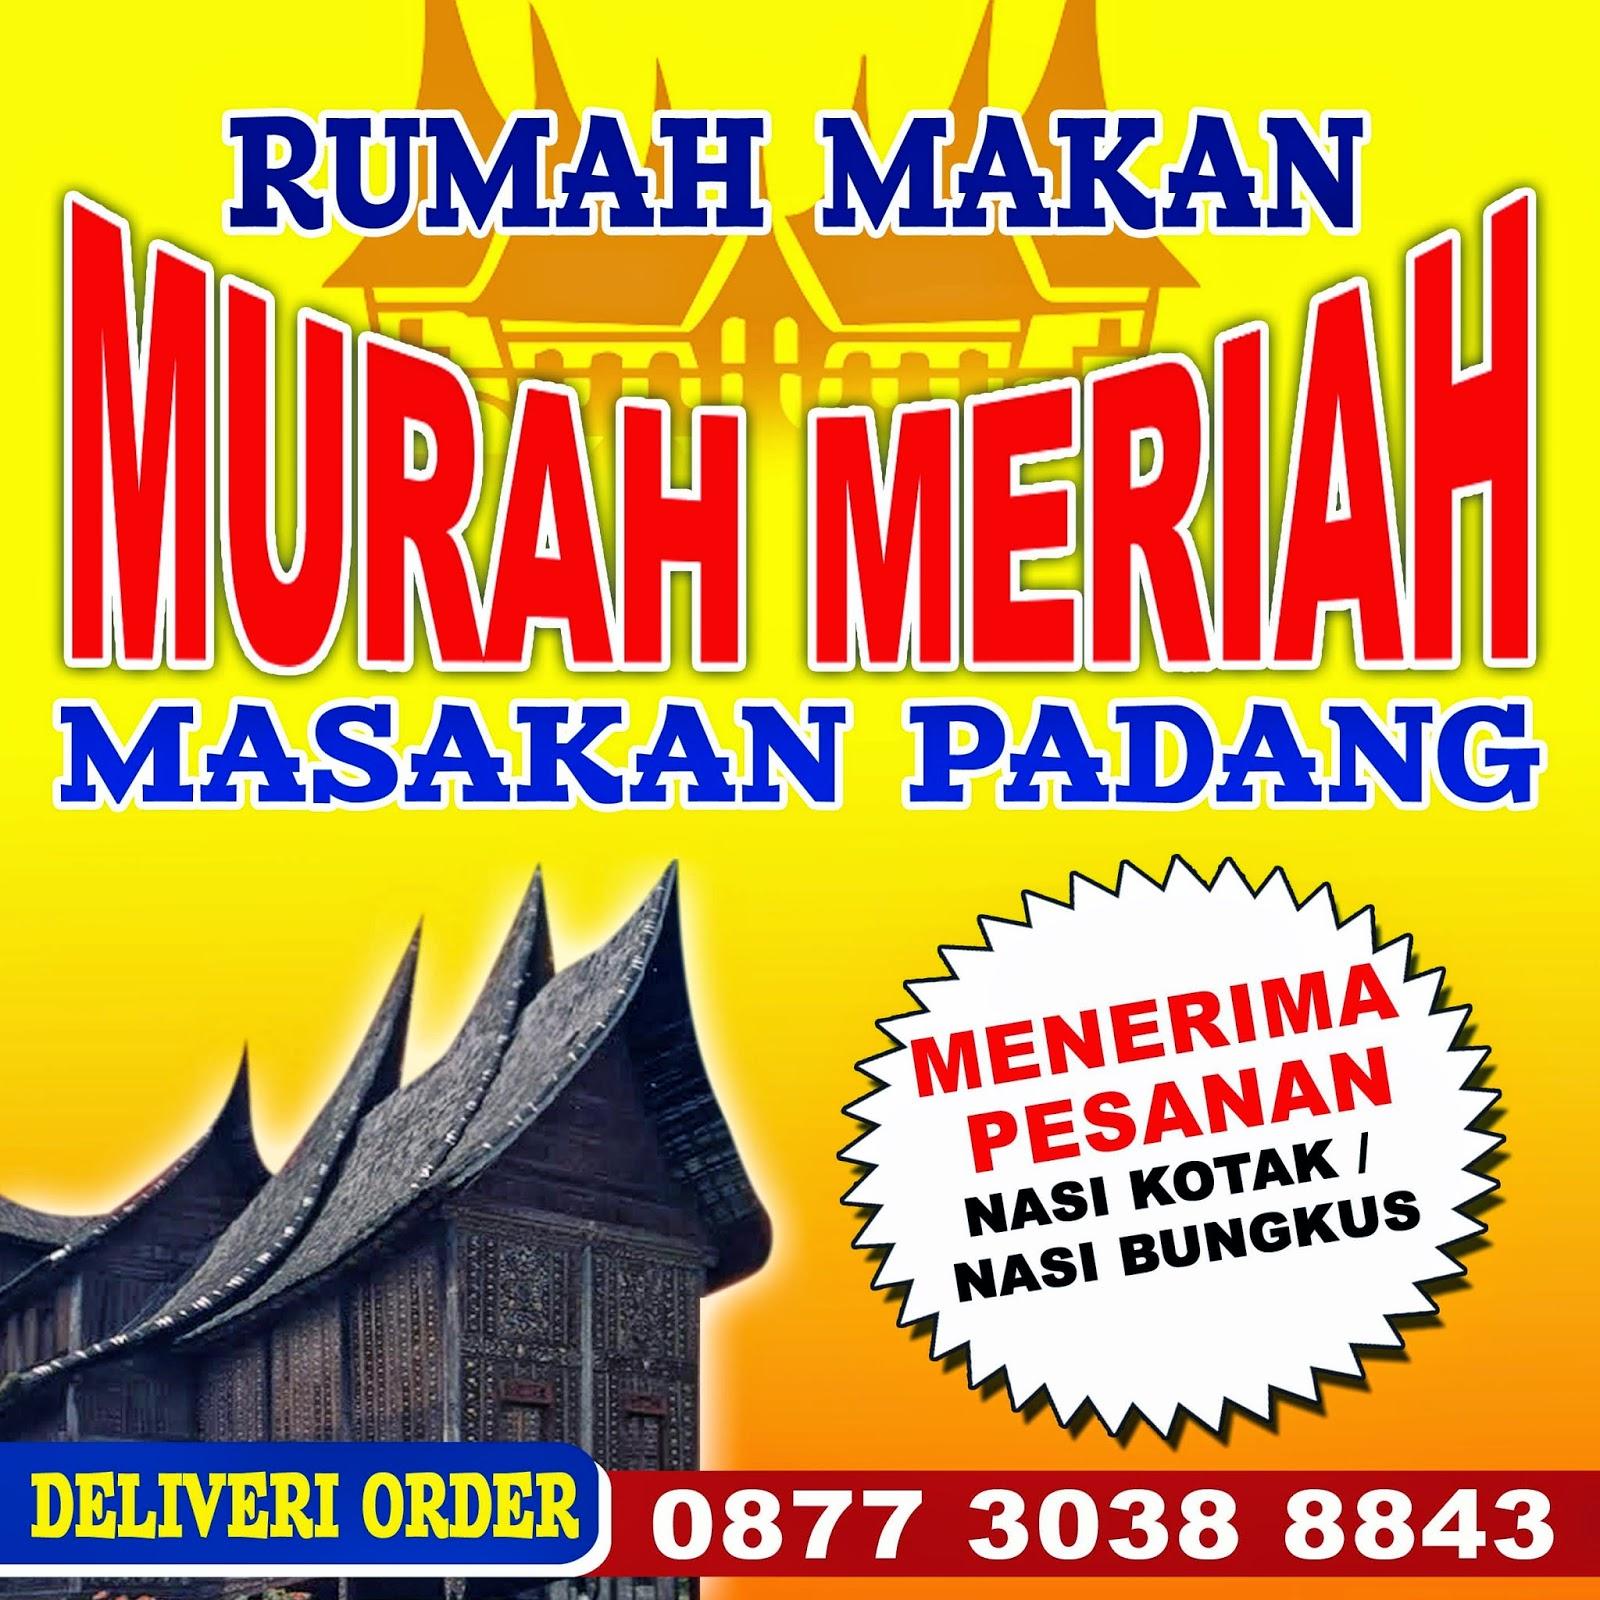 Download Lagu Goyang Nasi Padang 2: Gambar Spanduk Rumah Makan Padang